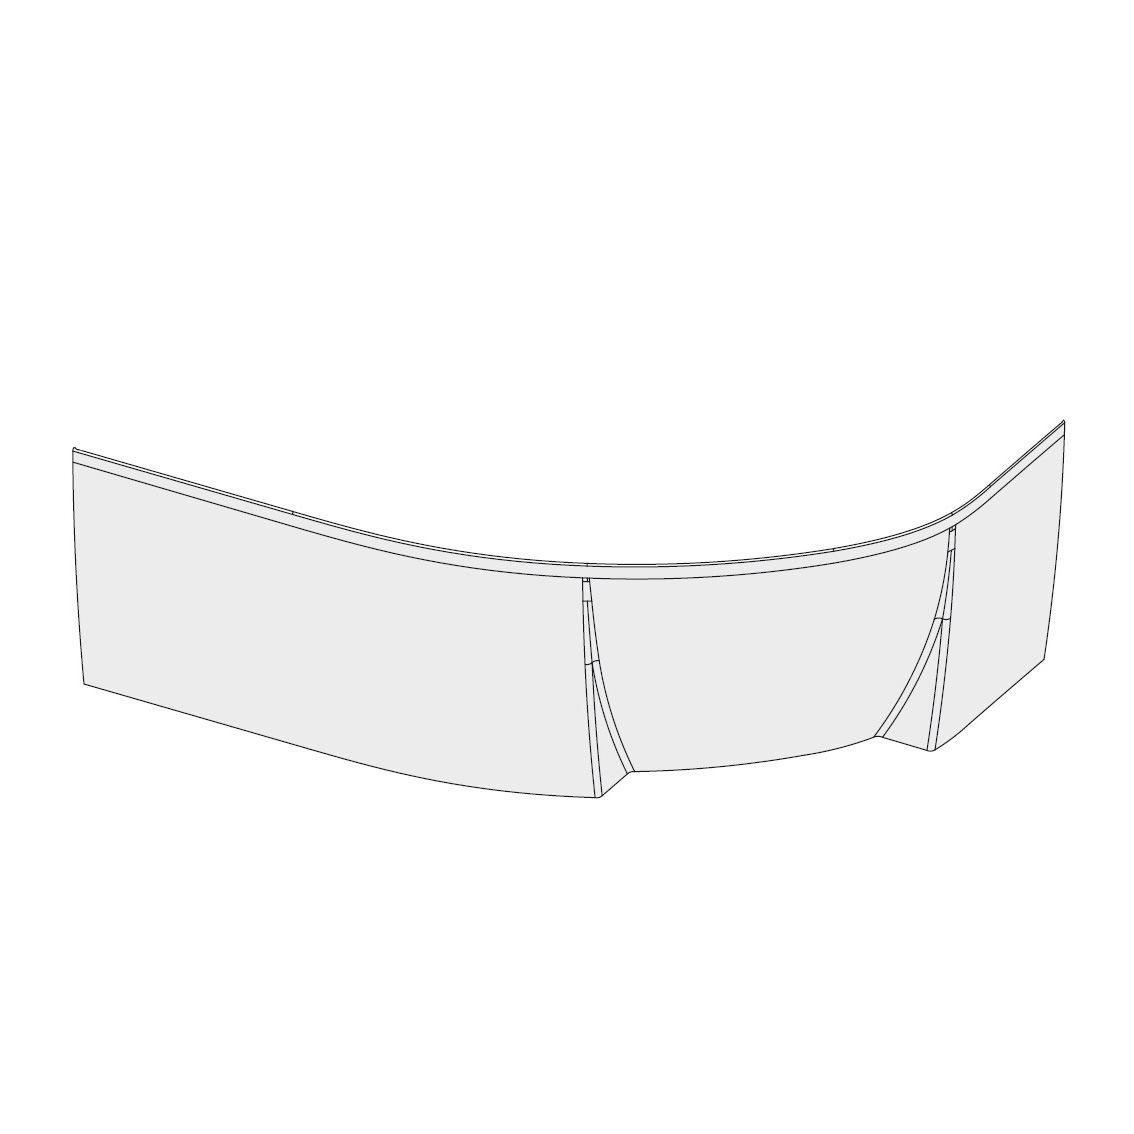 Передняя панель Ravak A для ванны Ravak Rosa II L 150, CZK1200A00 фото